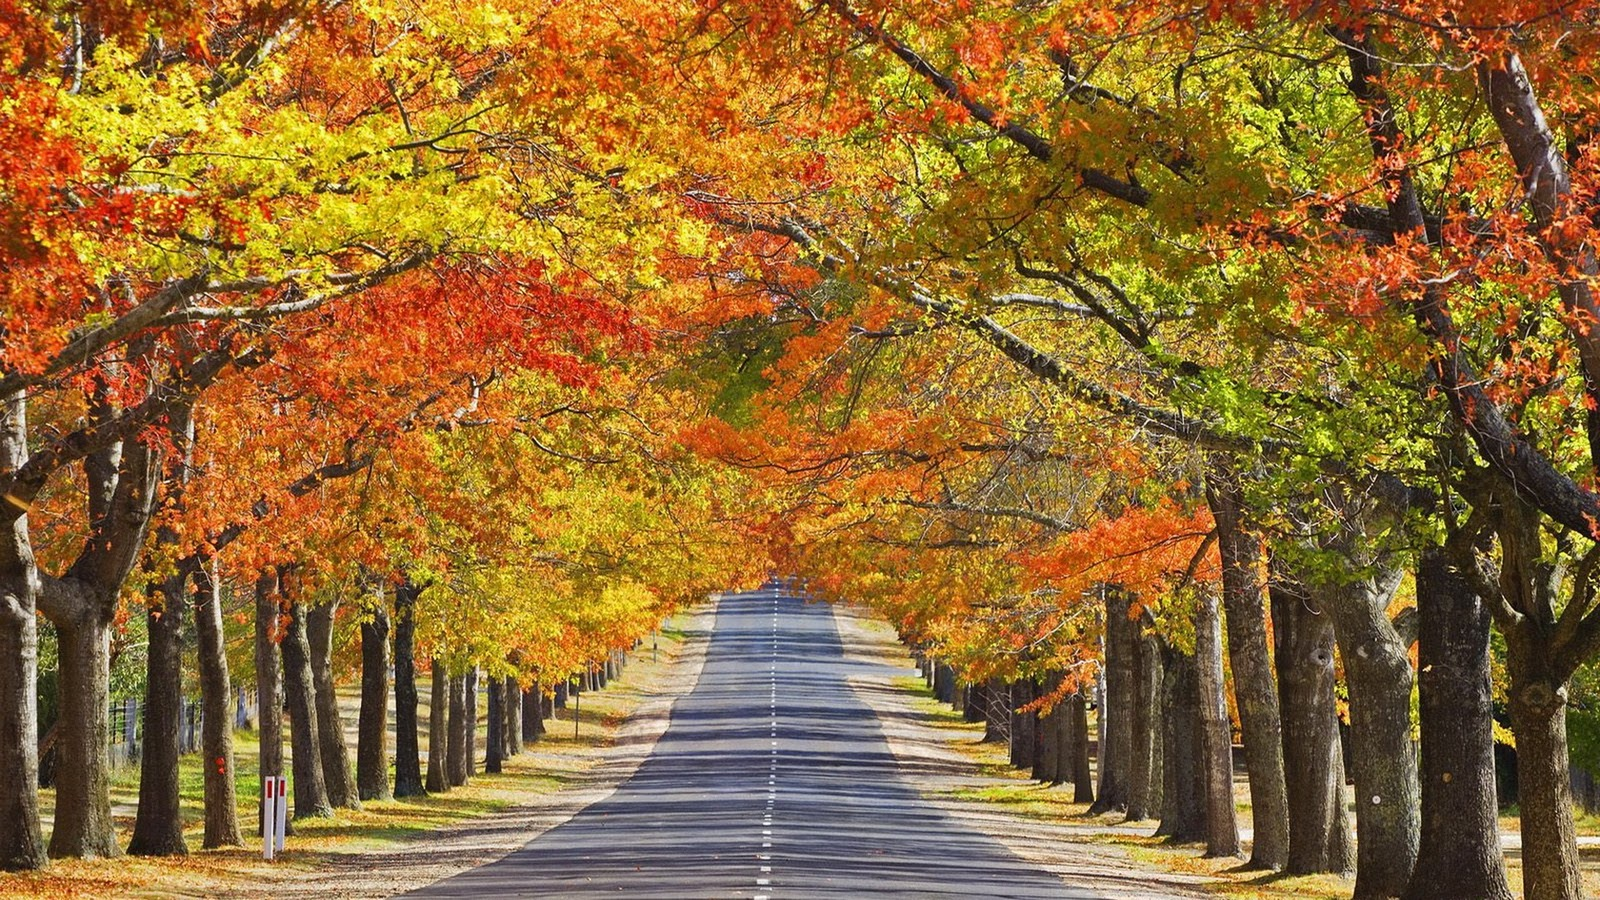 Beautiful Fall Nature Photos